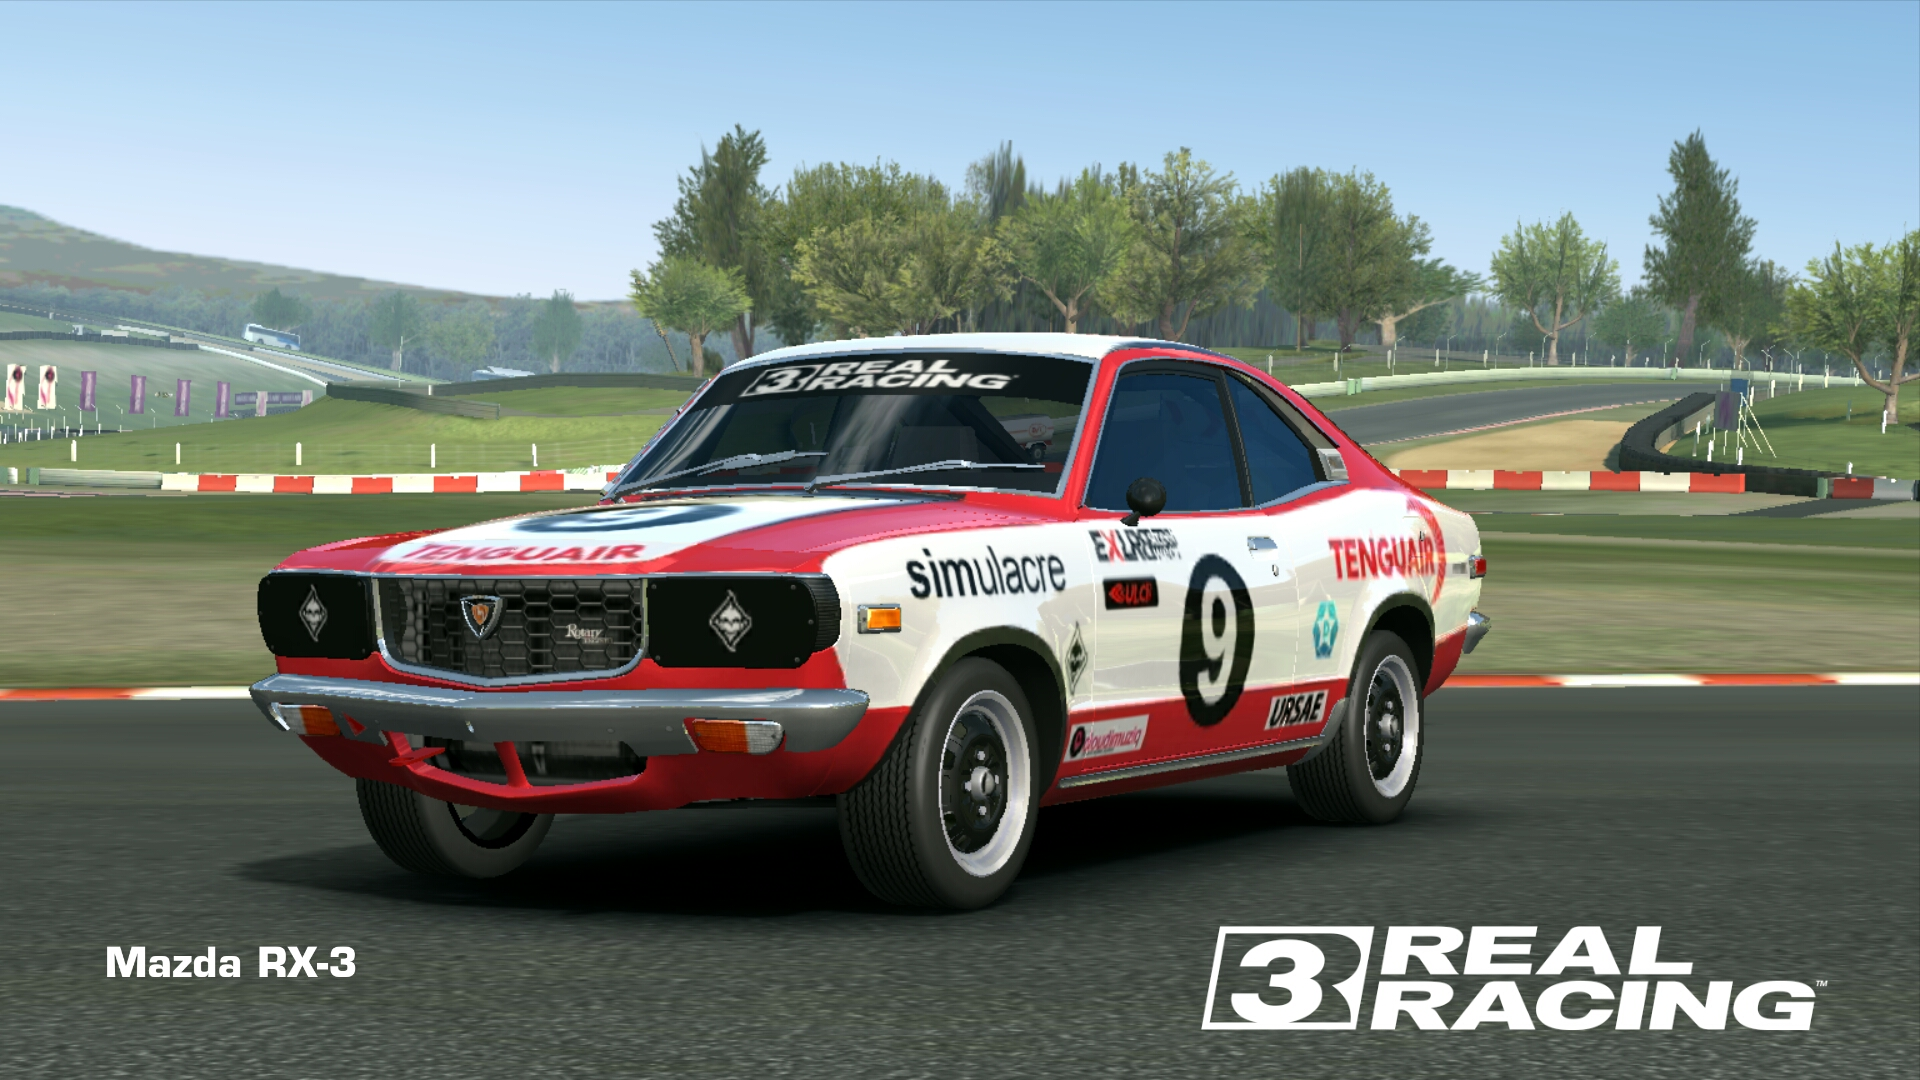 mazda rx-3 | real racing 3 wiki | fandom poweredwikia